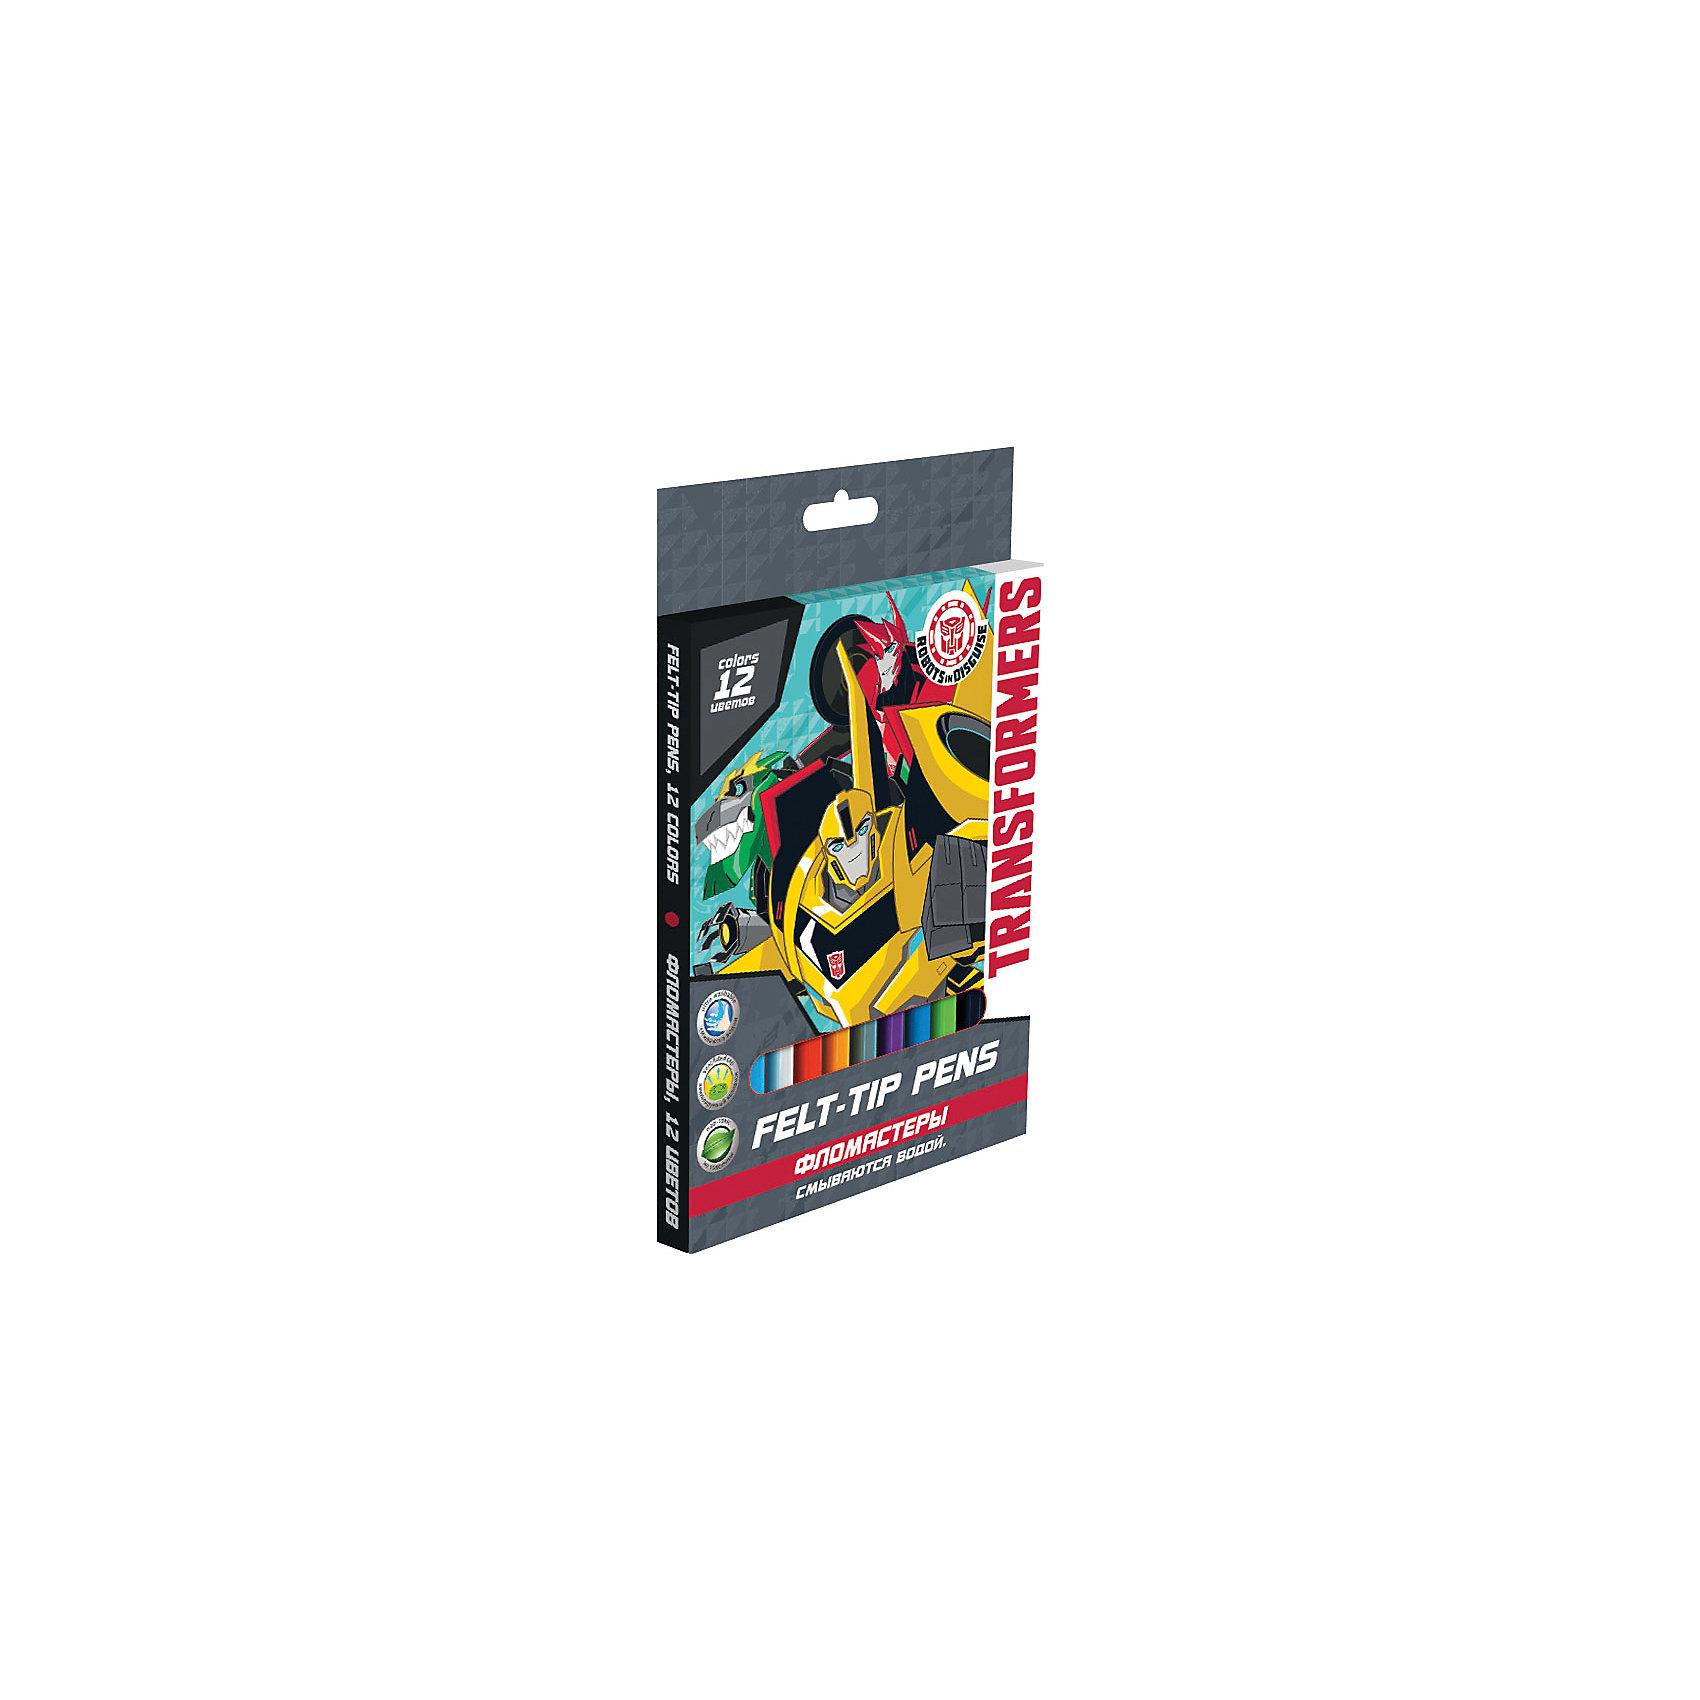 Фломастеры Трансформеры 12 штНабор цветных фломастеров с любимыми героями станут прекрасным подарком. Фломастеры предназначены для рисования и раскрашивания, помогут вашему ребенку создать неповторимые яркие рисунки. <br>Набор включает в себя фломастеры 12 ярких насыщенных цветов в разноцветных корпусах (цвет колпачка соответствует цвету чернил). Каждый фломастер оснащен плотным вентилируемым колпачком, надежно защищающим чернила от испарения, корпус дополнен золотым тиснением логотипа. <br>Фломастеры упакованы в картонную коробку. <br><br>Дополнительная информация:<br><br>Размер: 17 х 12 х 1 см.<br>Набор цветных фломастеров, 12 шт. Размер одного фломастера - 14 х 0,8 см, (с колпачком). Нейлоновый стержень, Колпачок - вентилируемый. На корпусе фломастера – тиснение золотом.<br><br>Фломастеры Трансформеры (Transformers) 12 шт можно купить в нашем магазине.<br><br>Ширина мм: 170<br>Глубина мм: 120<br>Высота мм: 10<br>Вес г: 75<br>Возраст от месяцев: 96<br>Возраст до месяцев: 108<br>Пол: Мужской<br>Возраст: Детский<br>SKU: 4140953